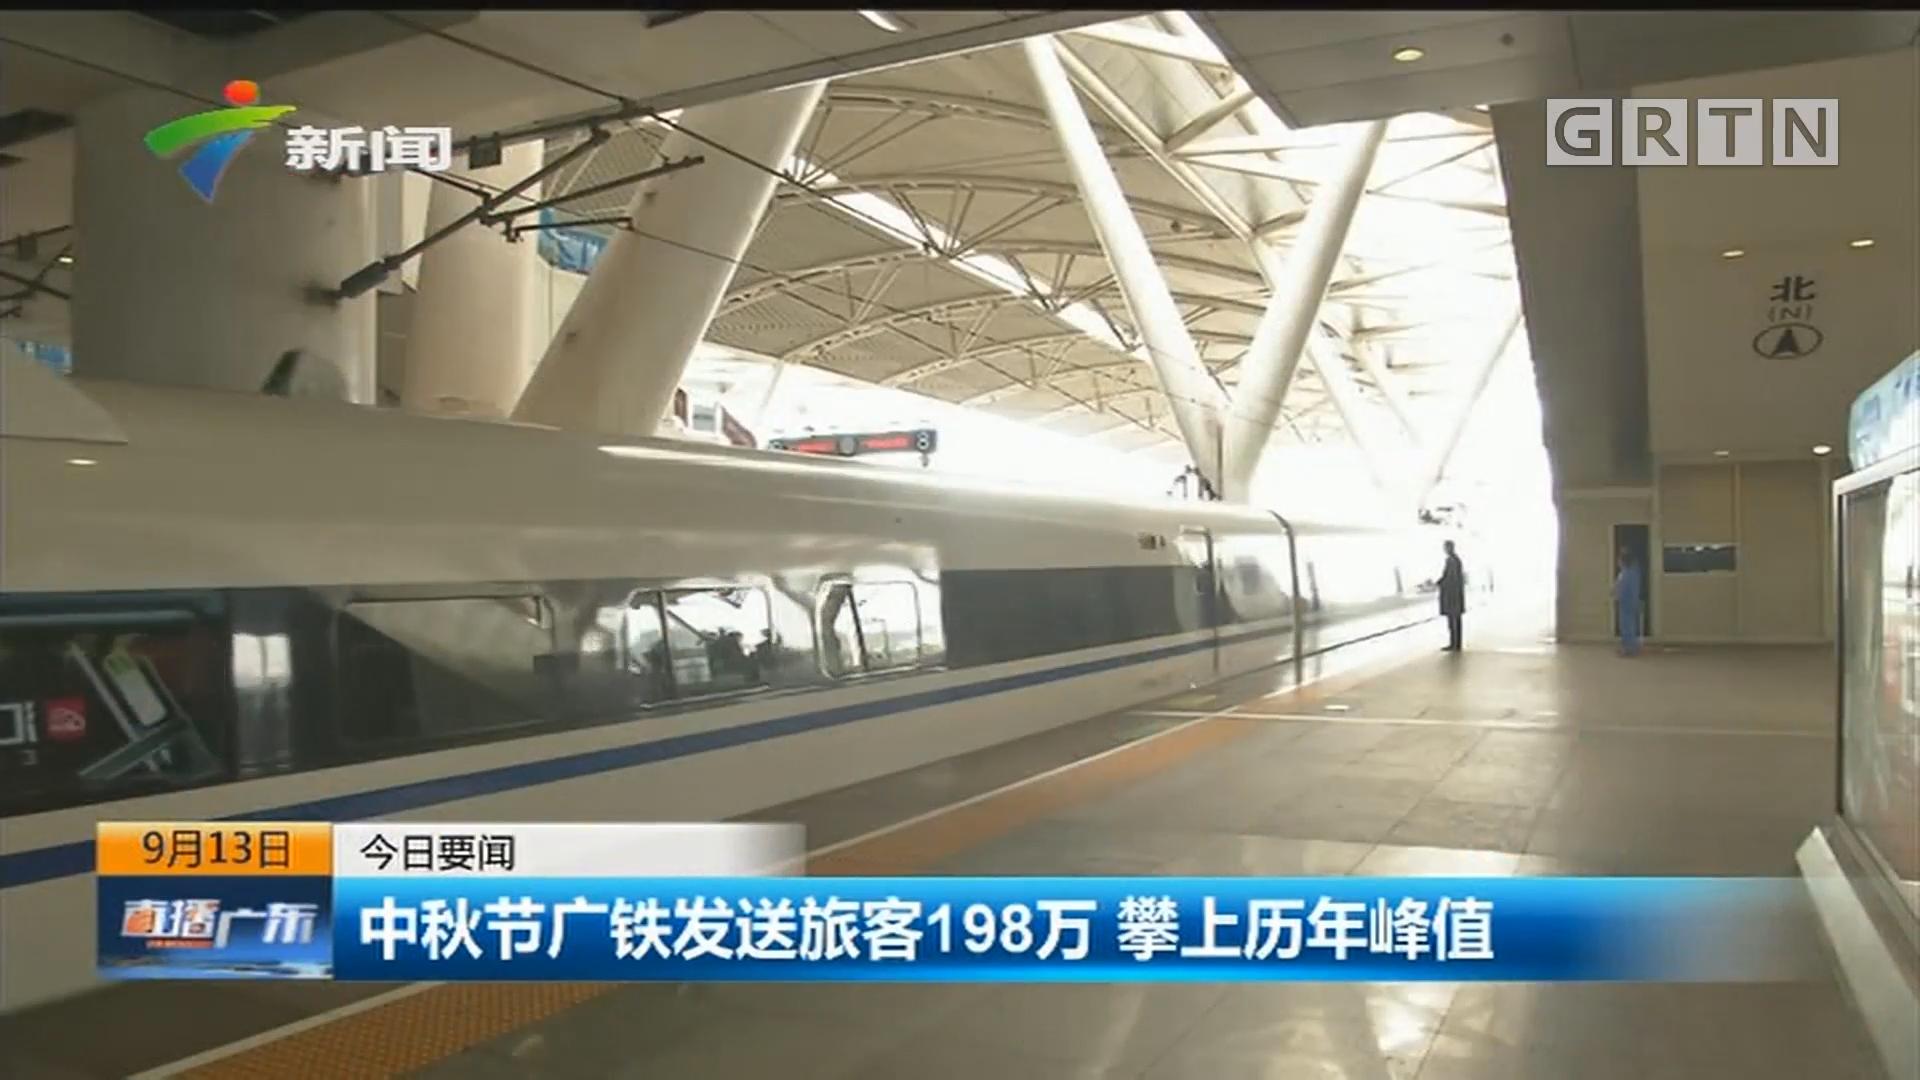 中秋节广铁发送旅客198万 攀上历年峰值